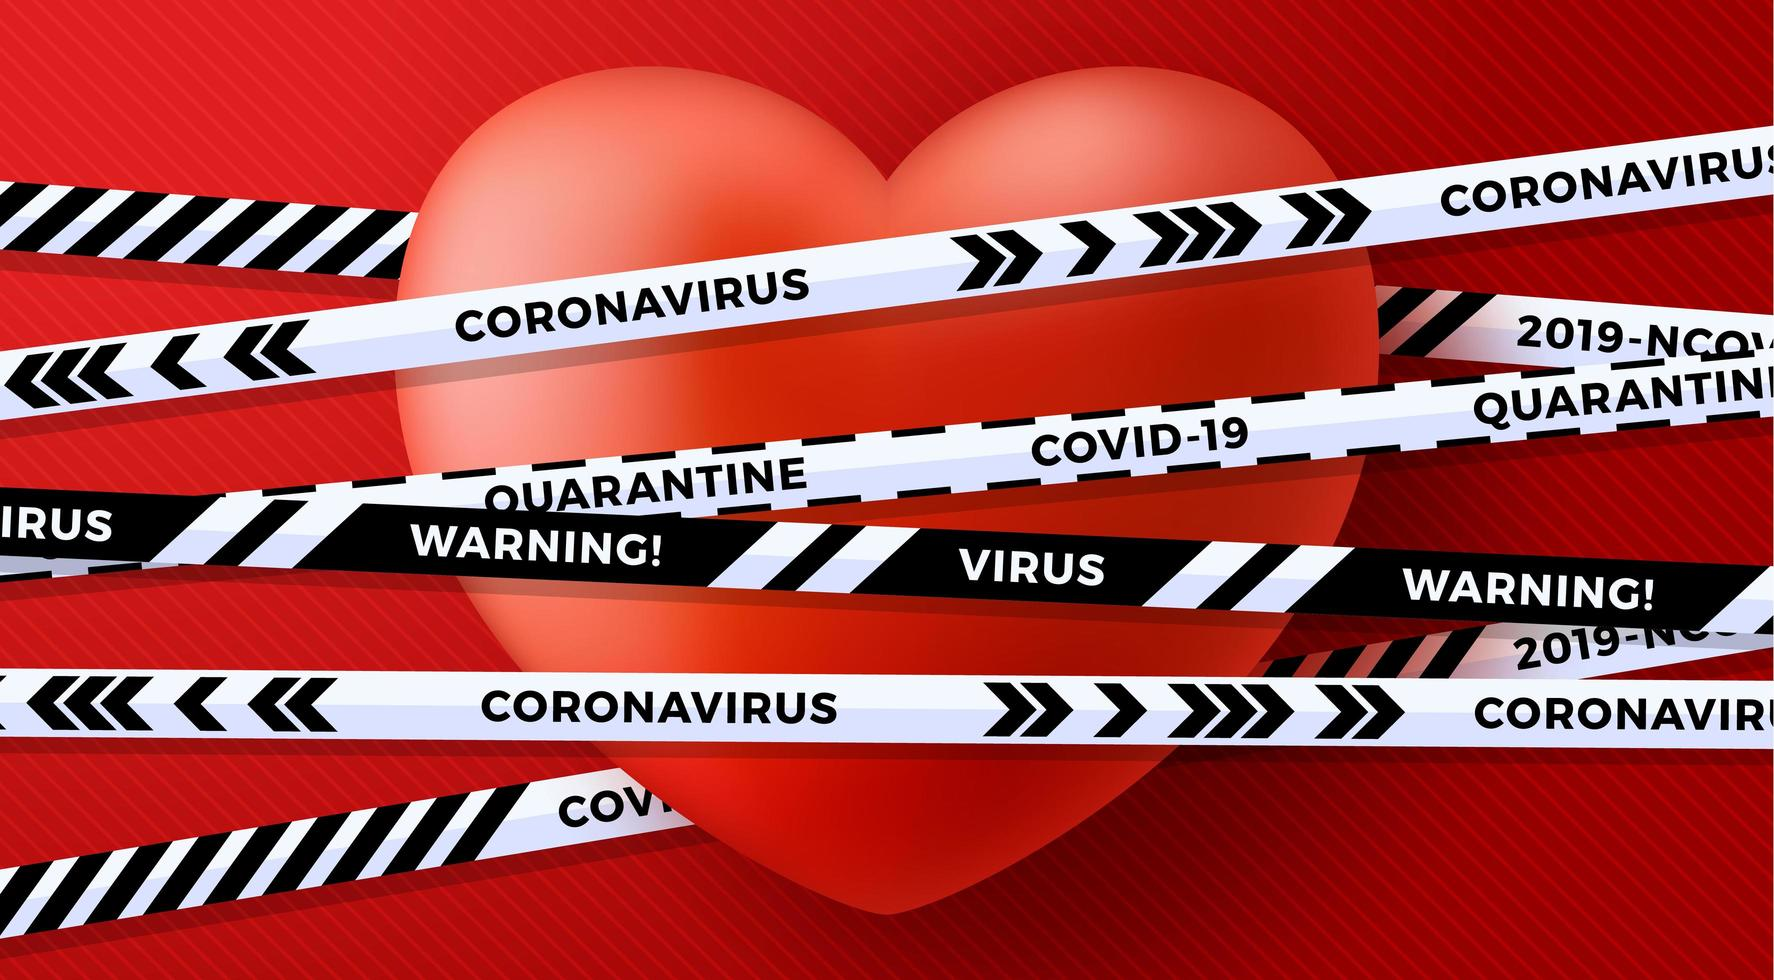 rotes Valentinstag Liebesherz und Quarantäne Biohazard Gefahr vektor